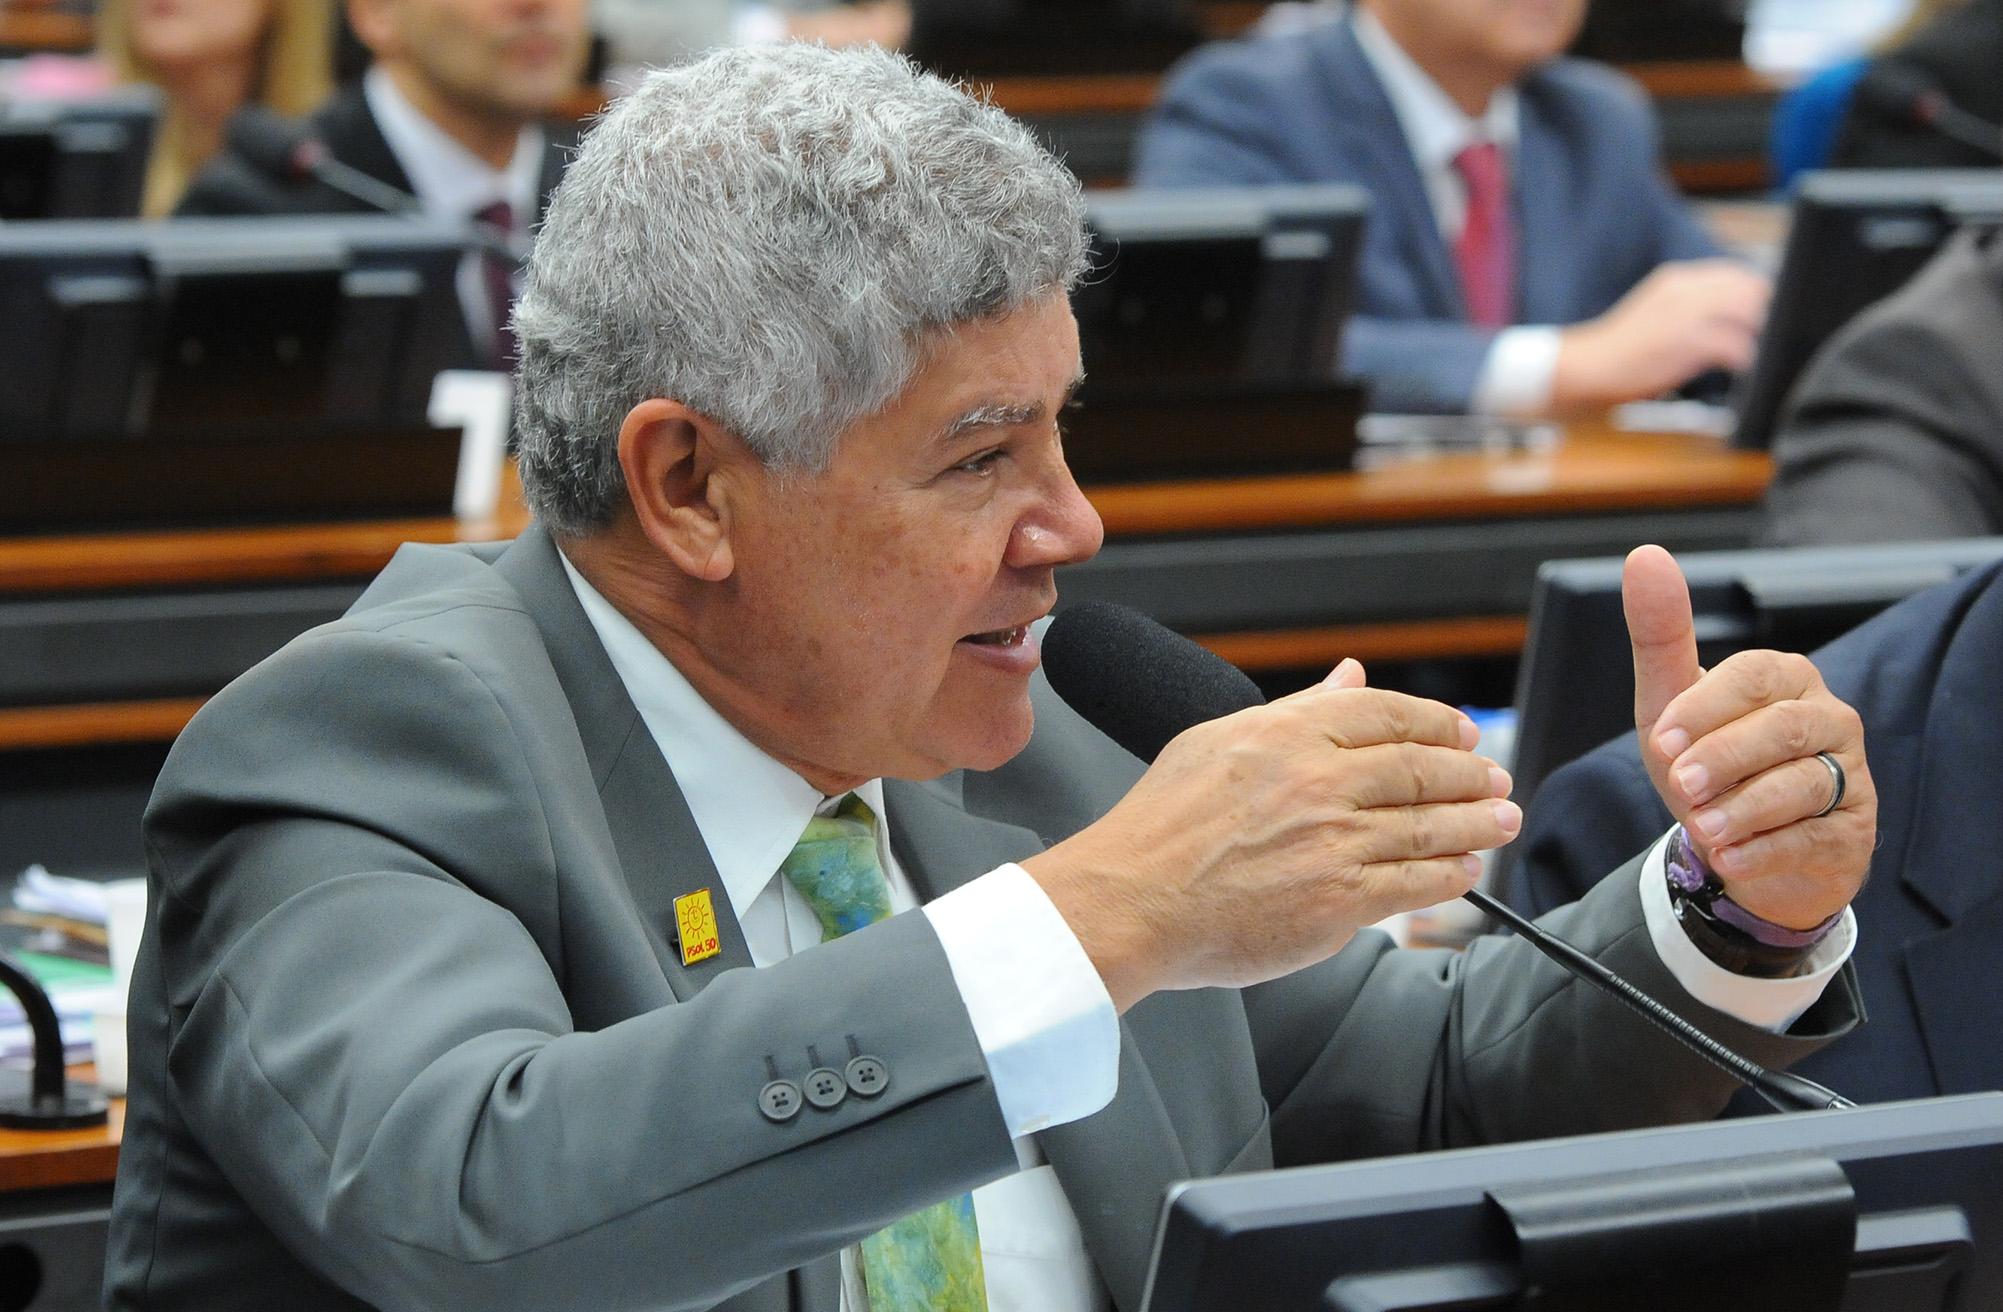 Reunião para discussão do parecer do relator da denúncia contra o presidente da República, Michel Temer. Dep. Chico Alencar (PSOL-RJ)